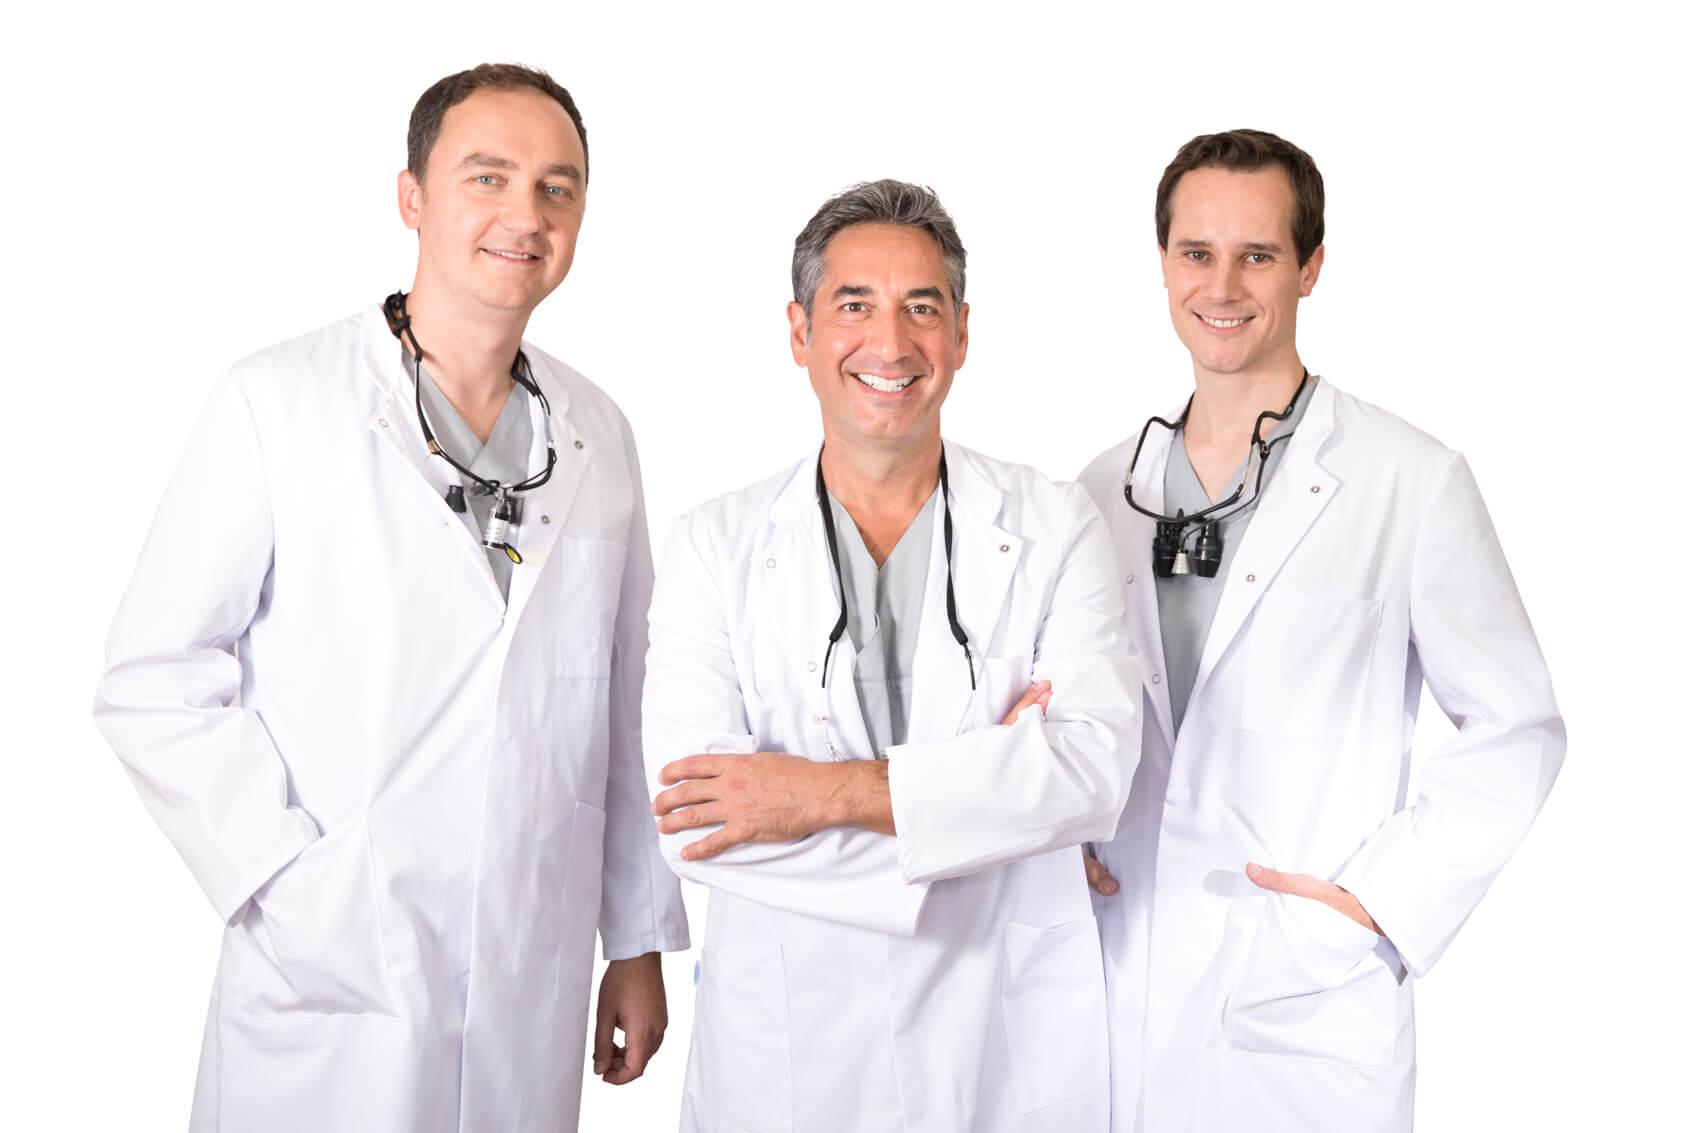 Behandlerteam - Privatpraxis für Zahnmedizin - Zahnärzte Dr. Kent und Kollegen